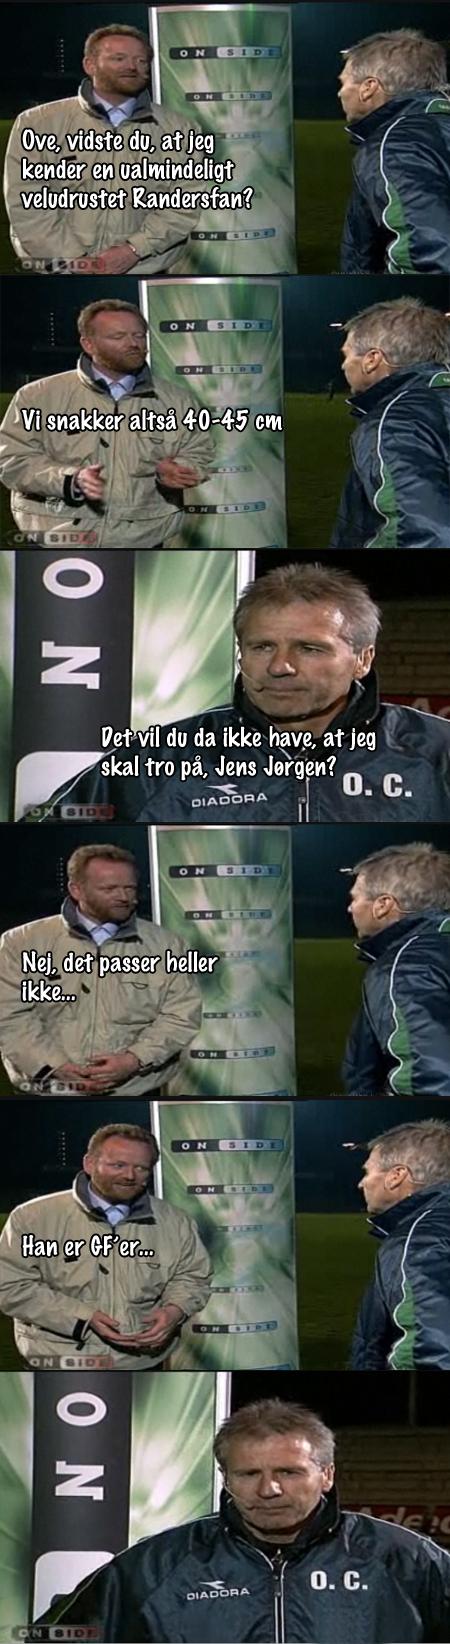 Randersfan